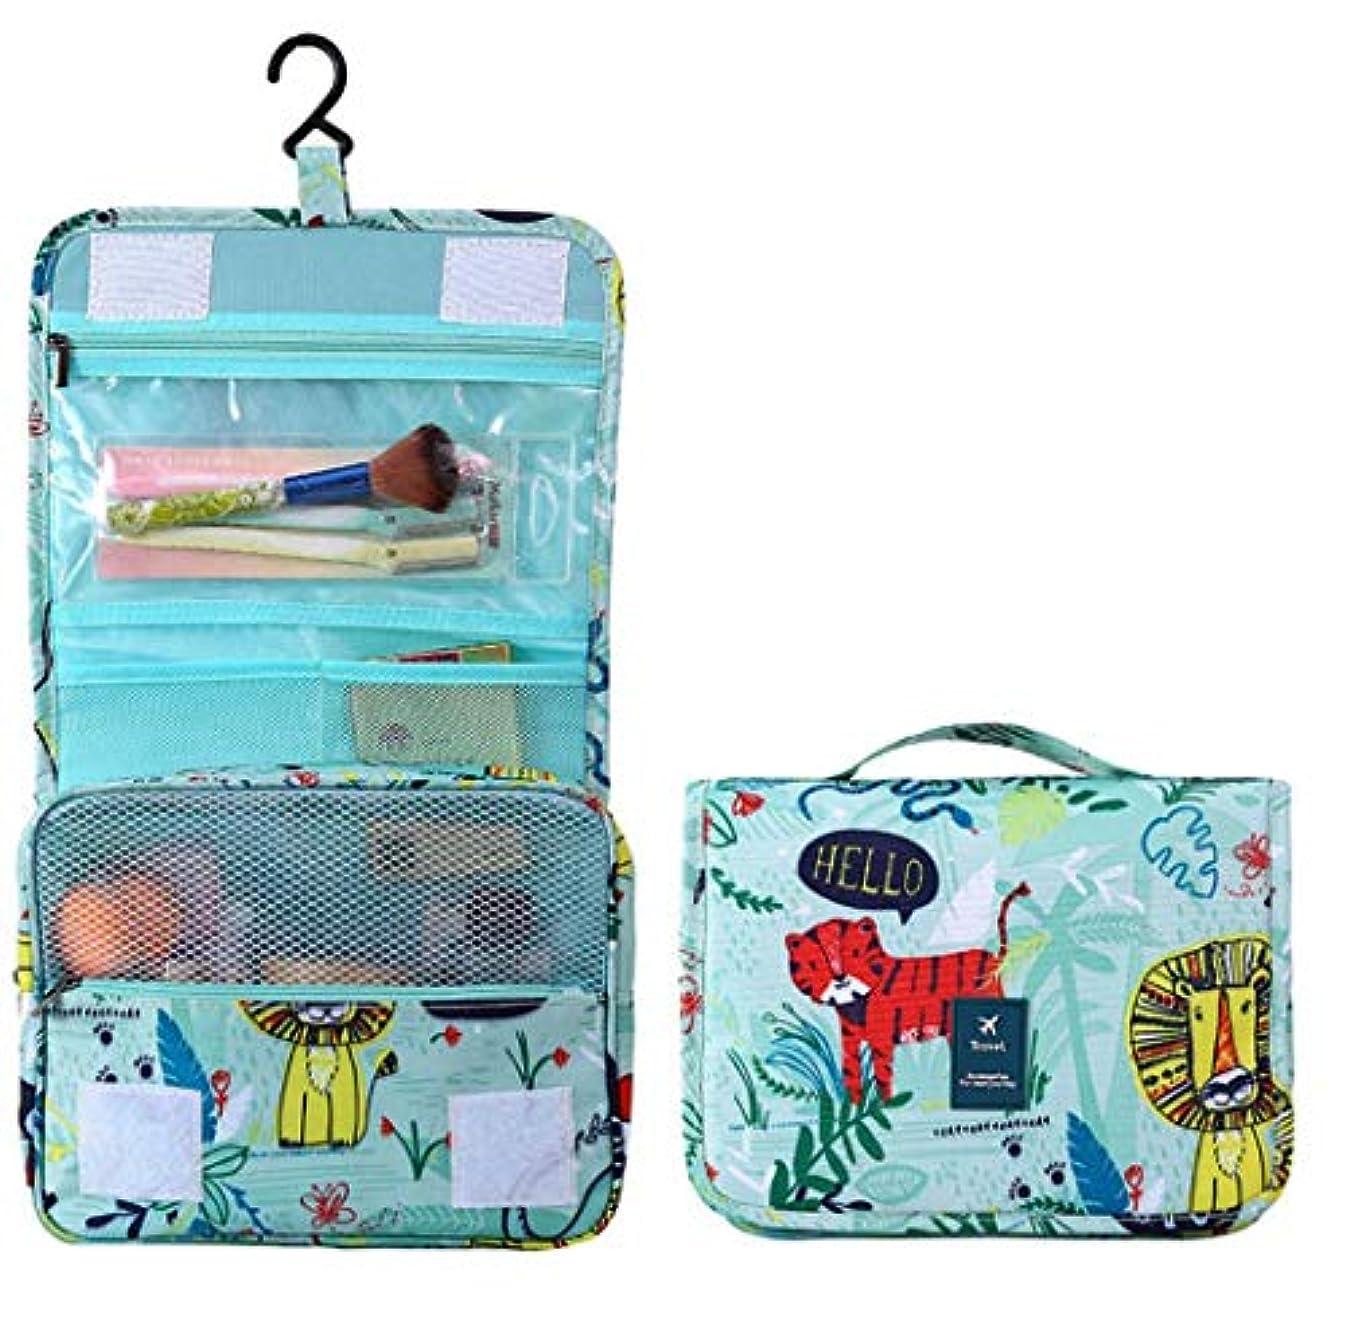 の面では微弱練る化粧品袋、ウォッシュバッグ、トラベルバッグ、洗顔、収納、浴室収納バッグ、ぶら下げ、小物、収納、パッキングバッグ、旅行、海外、旅行用品、育児用品